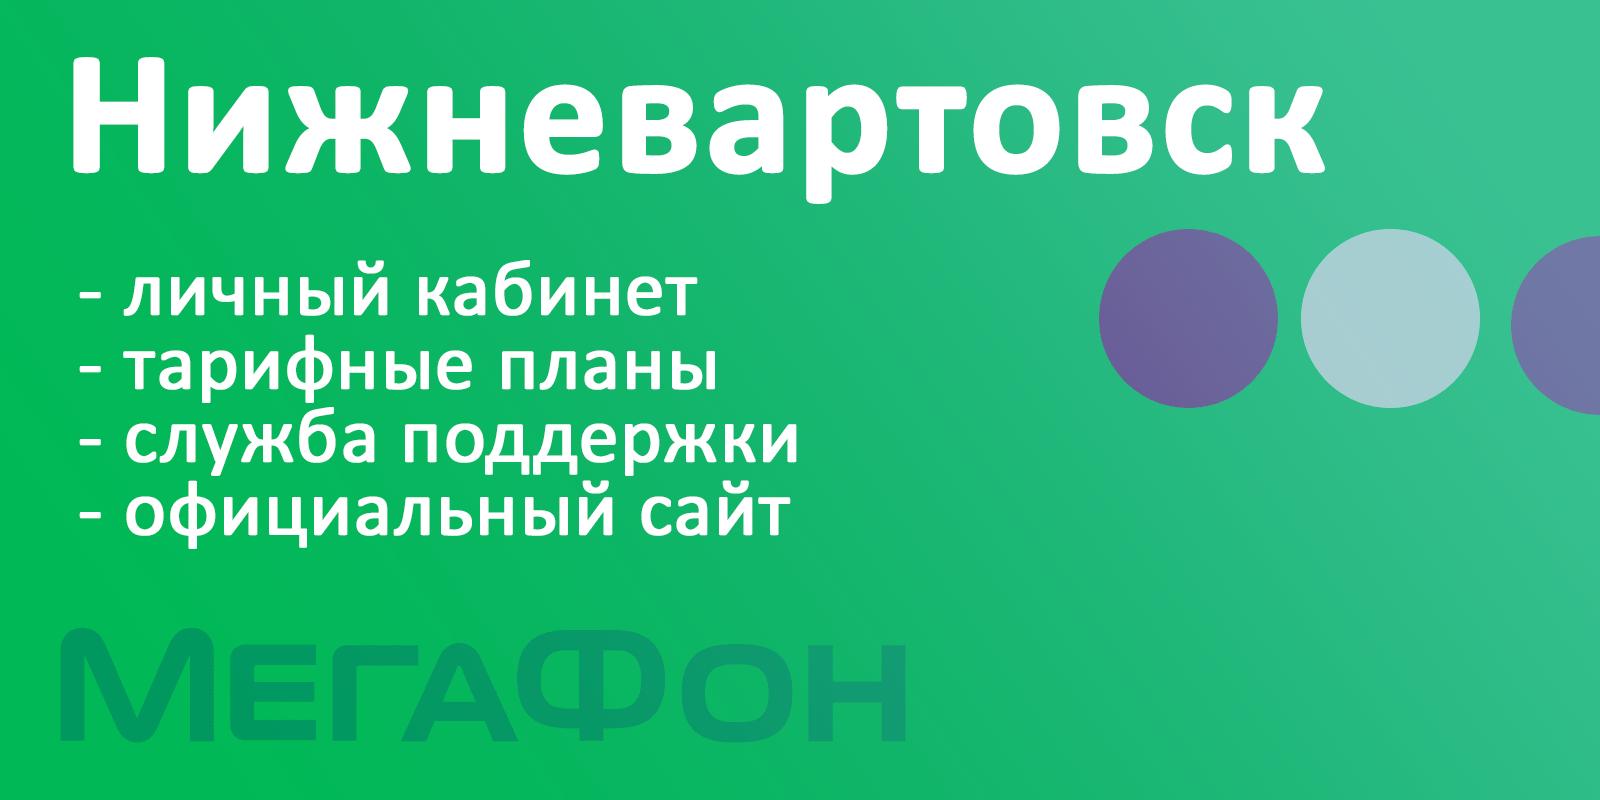 Мегафон Нижневартовск - тарифы, официальный сайт, каталог товаров